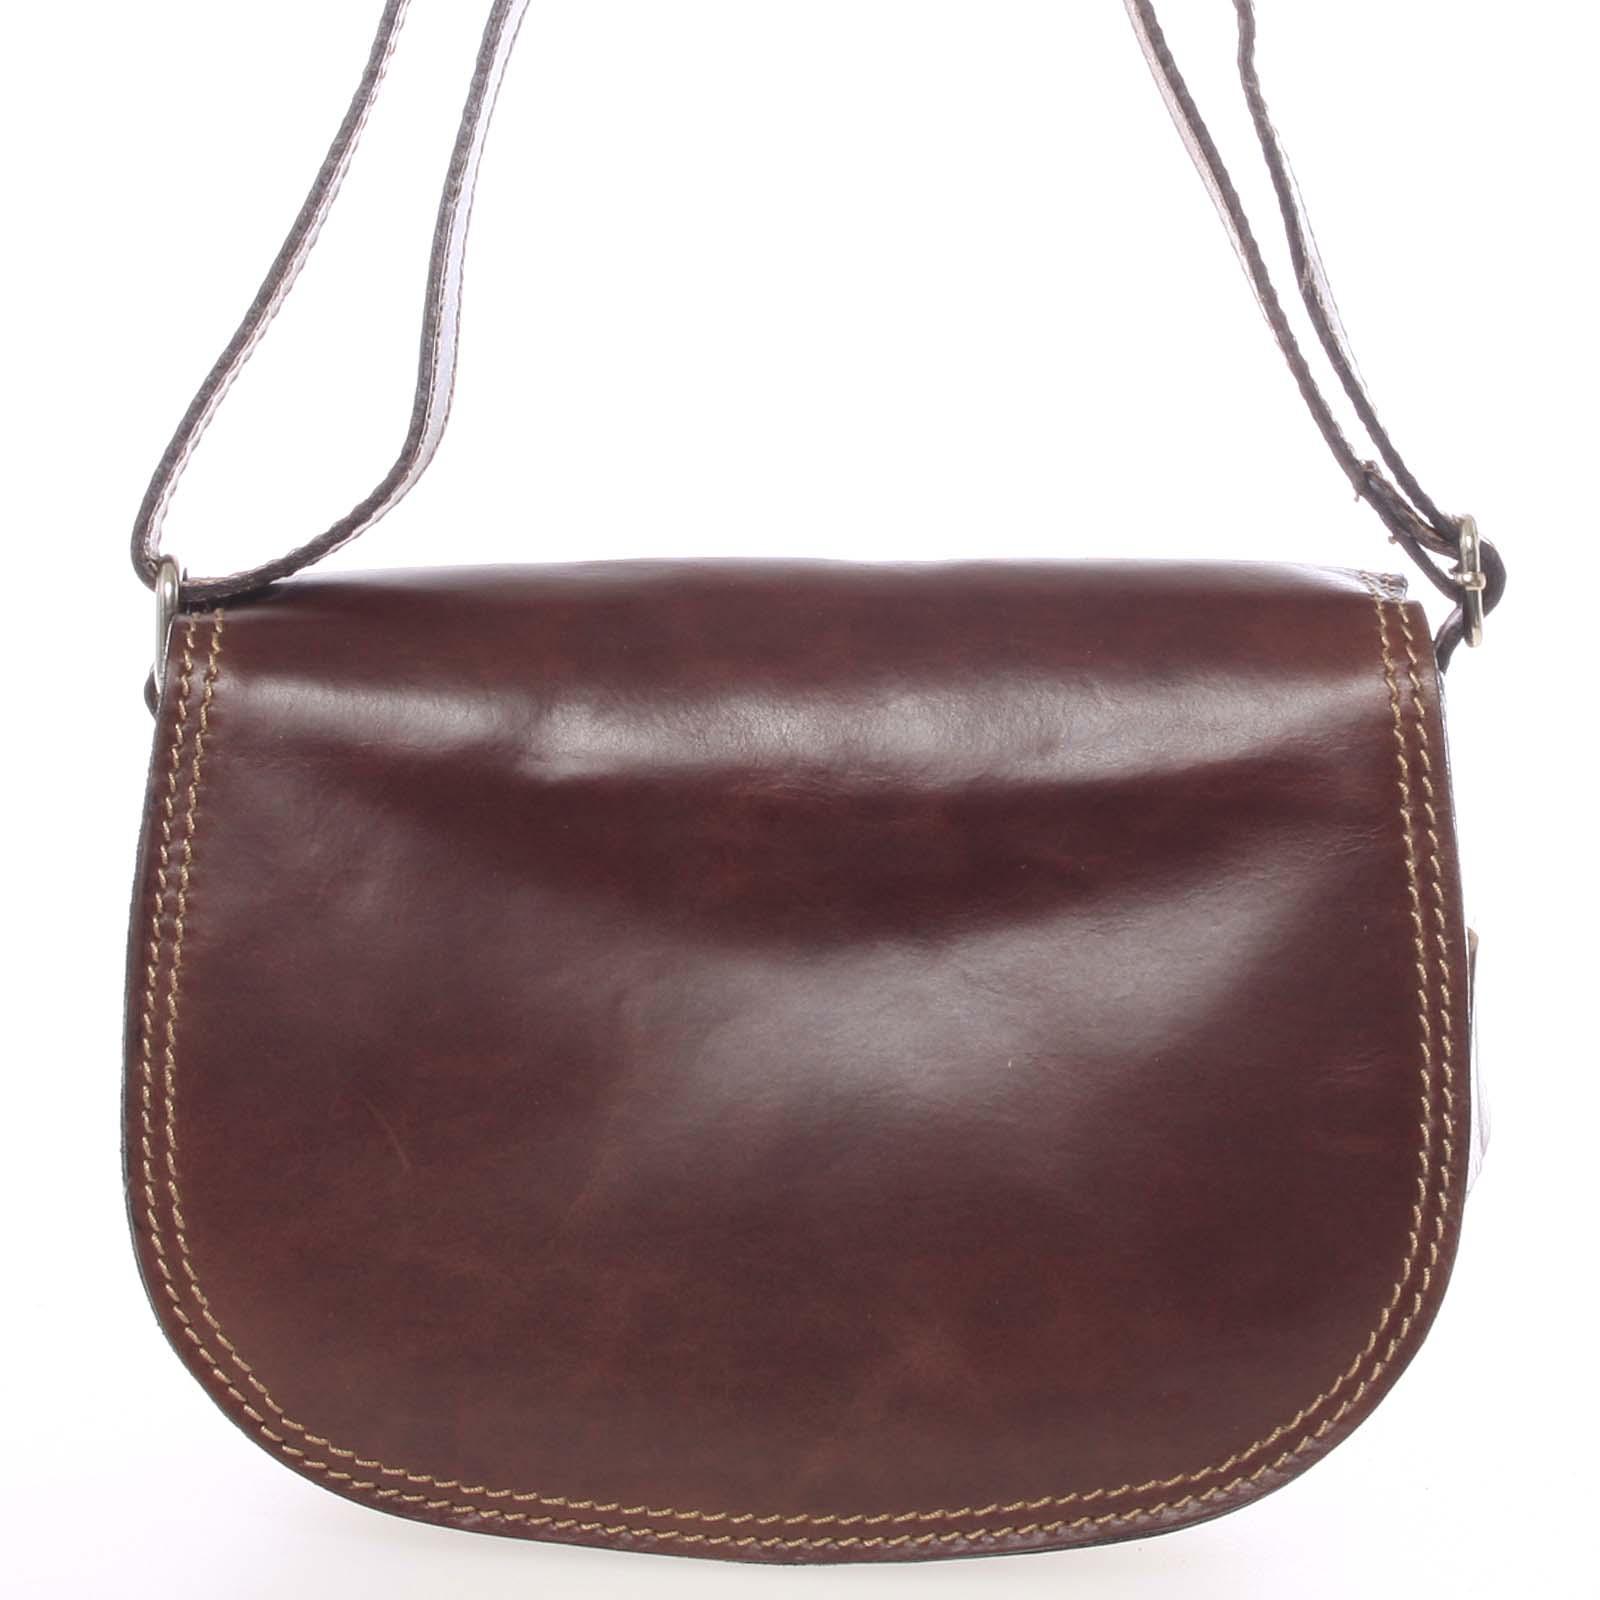 Menší hnědá crossbody kožená kabelka - ItalY Zoya